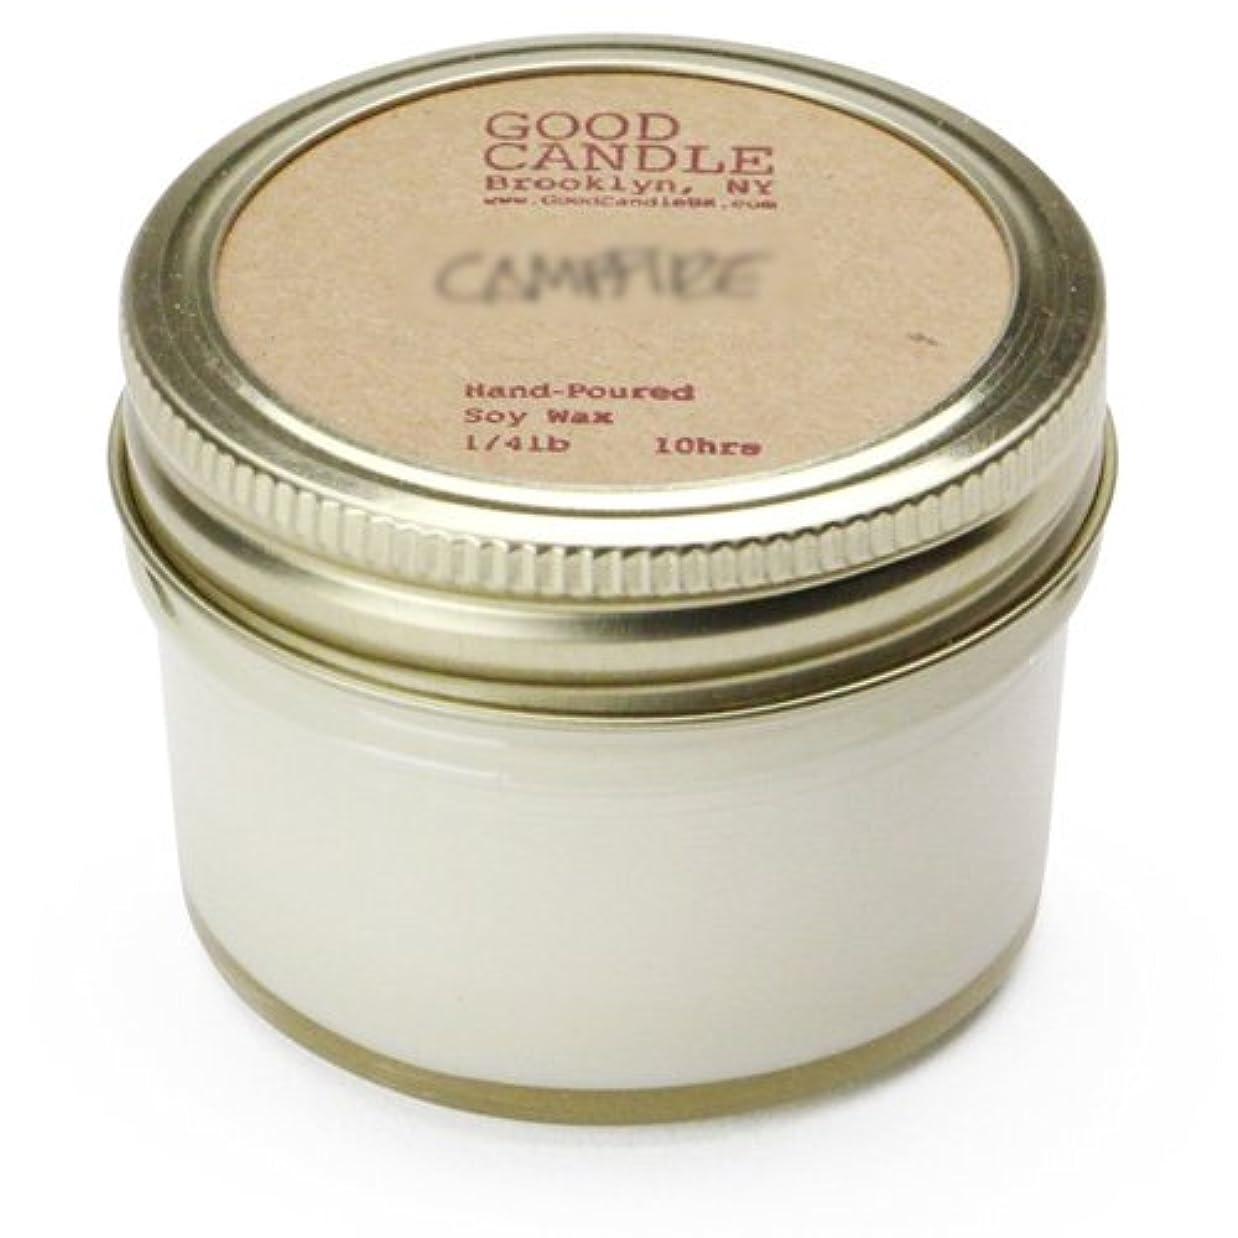 火山の従事する優遇グッドキャンドル 1/4ポンド ゼリージャー キャンドル Good Candle 1/4LB Jelly jar candle [ Mimosa ] 正規品